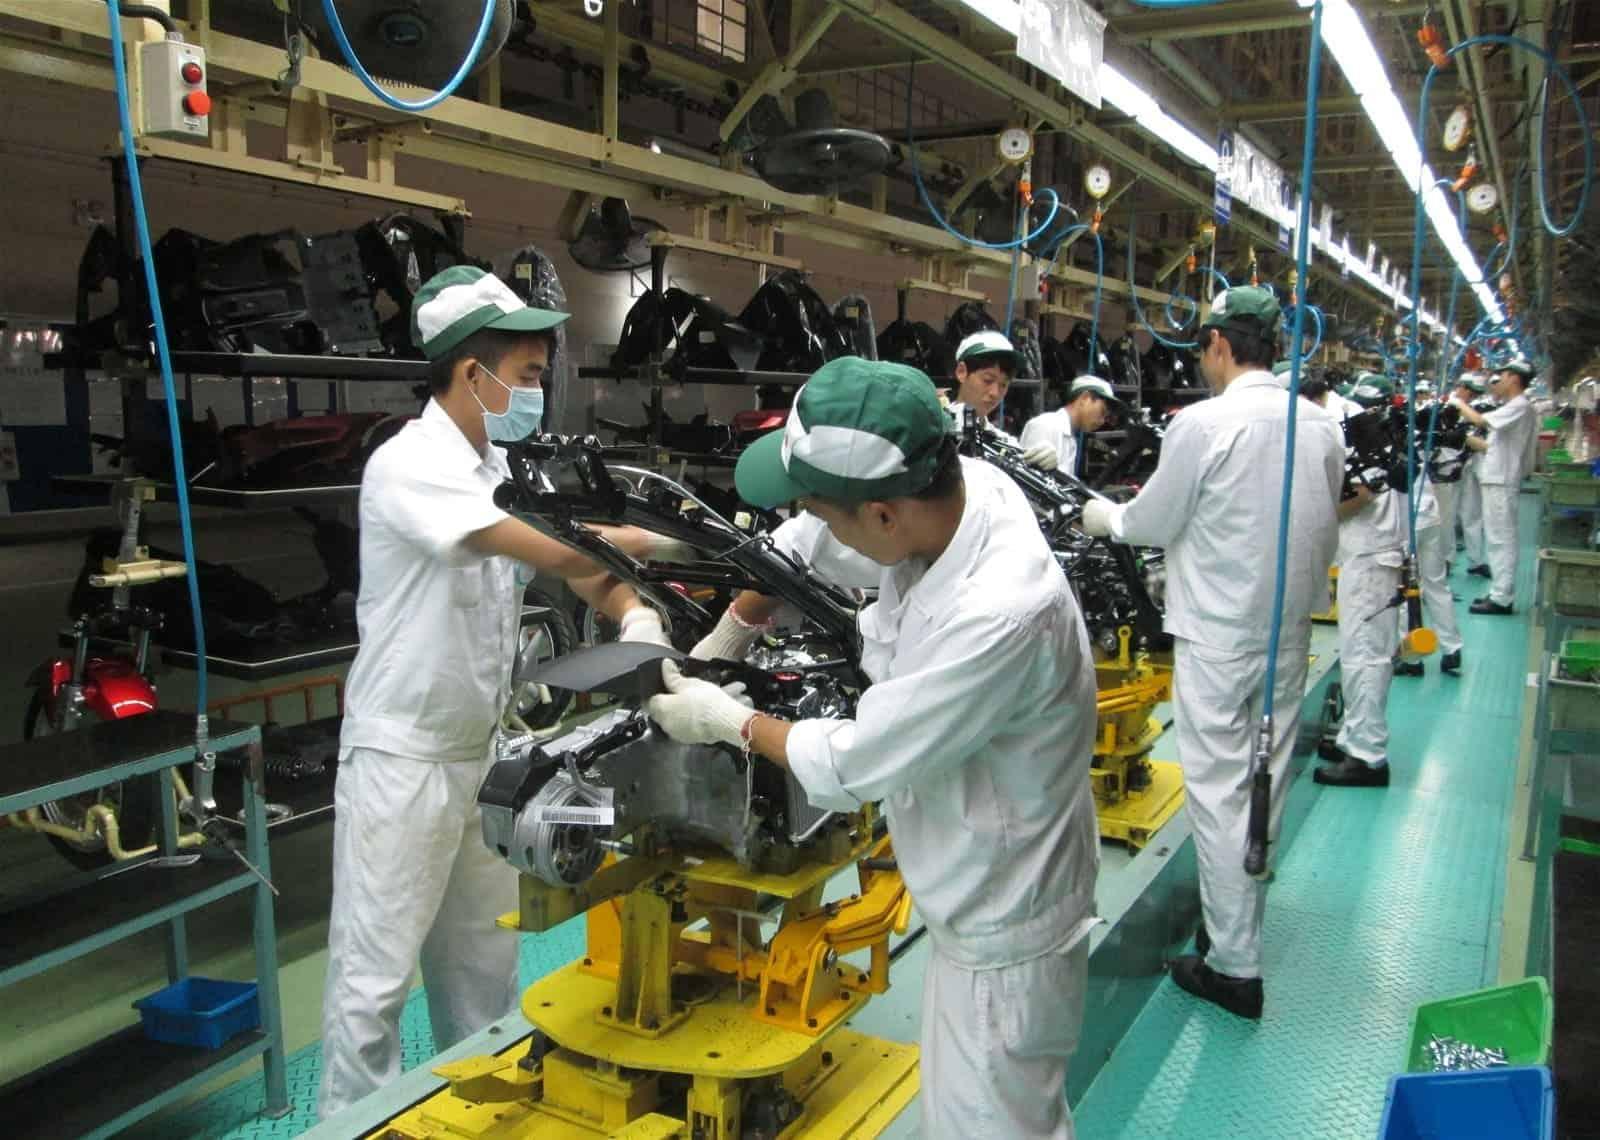 """Sự ra đời của """"Nhat Quang Steel Coil Center"""" đã minh chứng cho việc Thép Nhật Quang đang tham gia phát triển ngành công nghiệp hỗ trợ tại Việt Nam"""